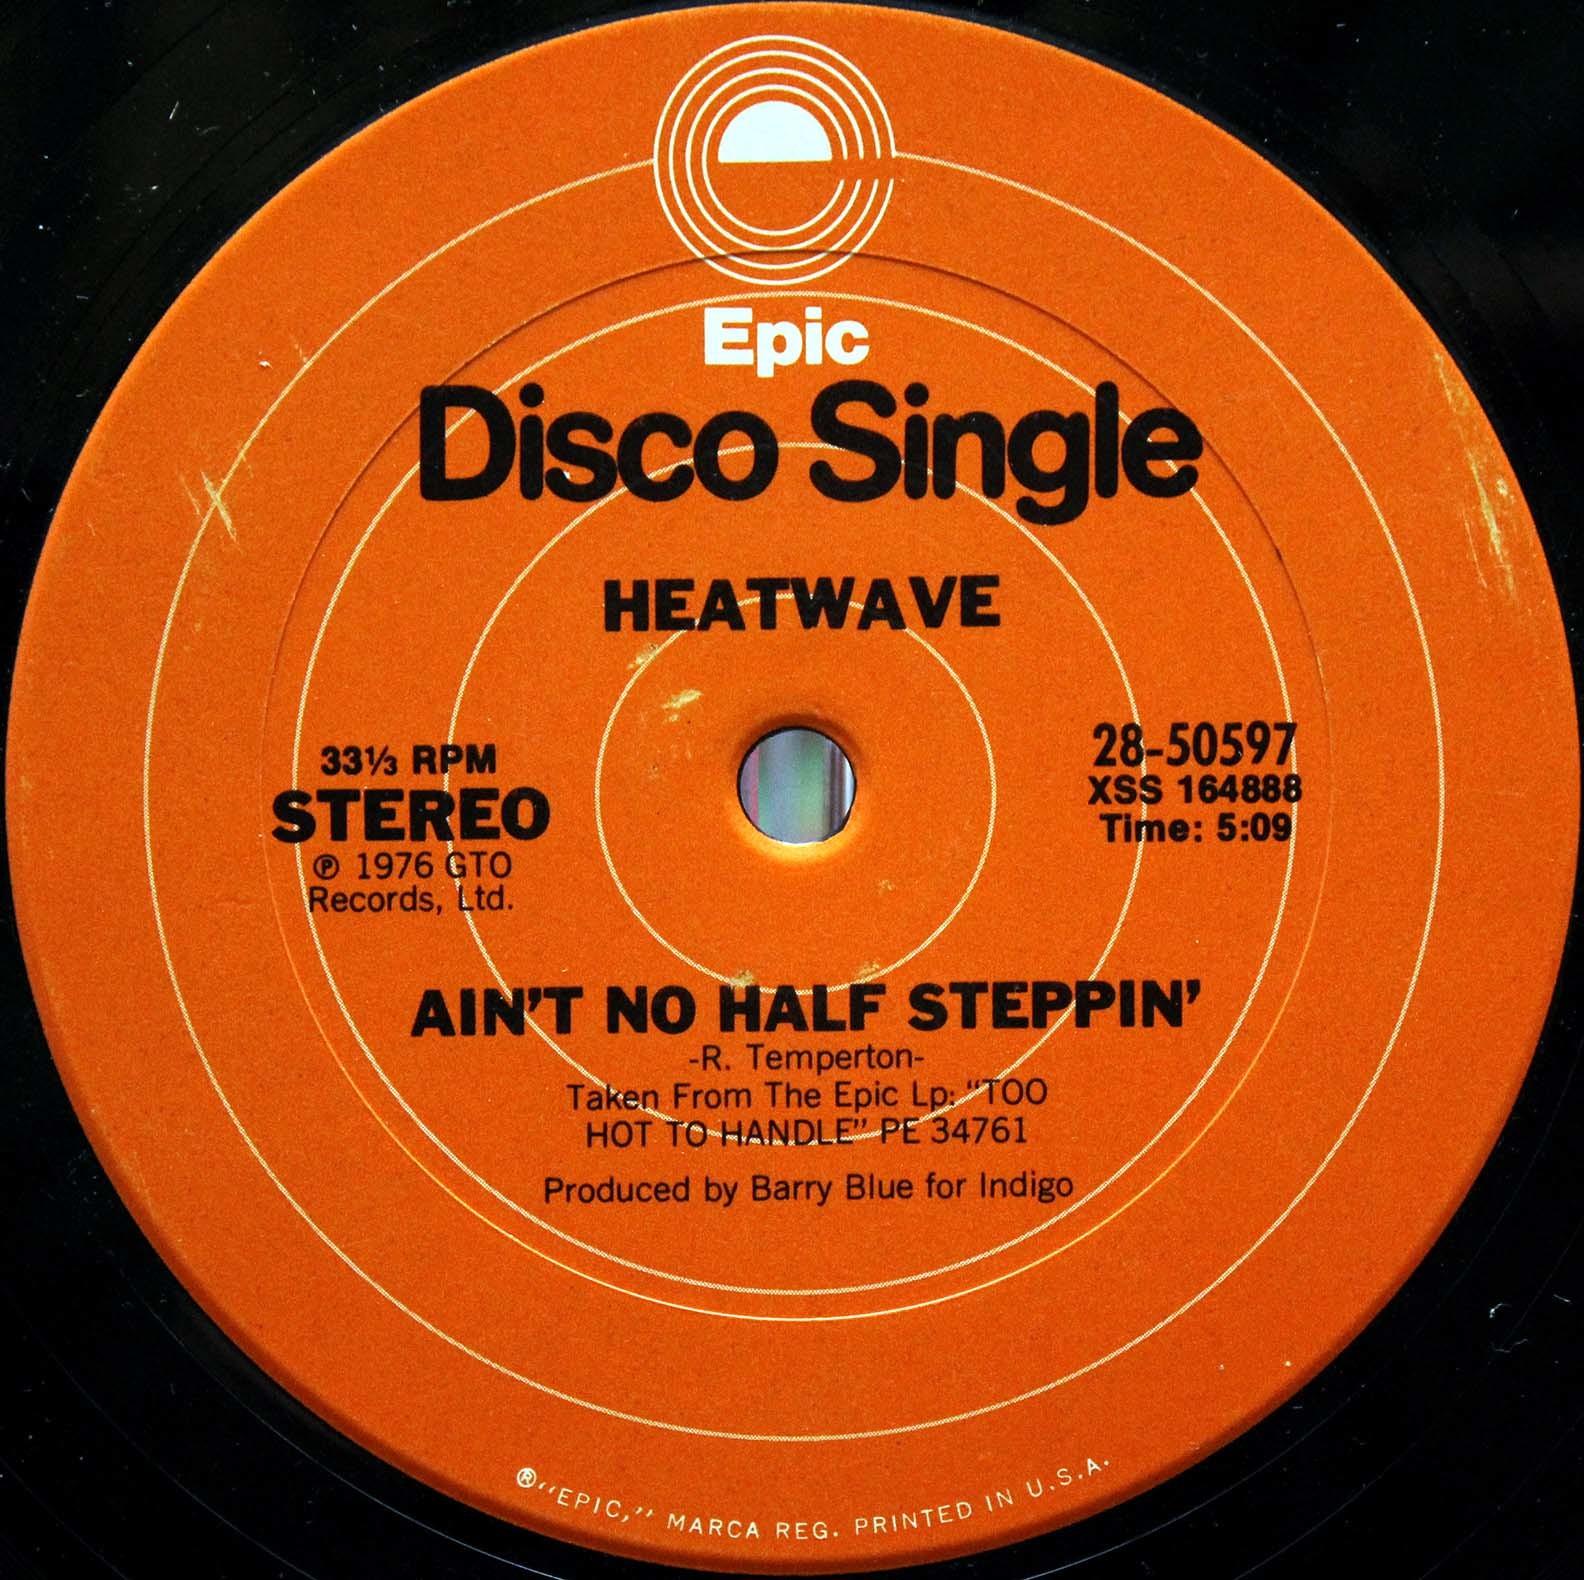 Heatwave – Mind Blowing Decisons 04